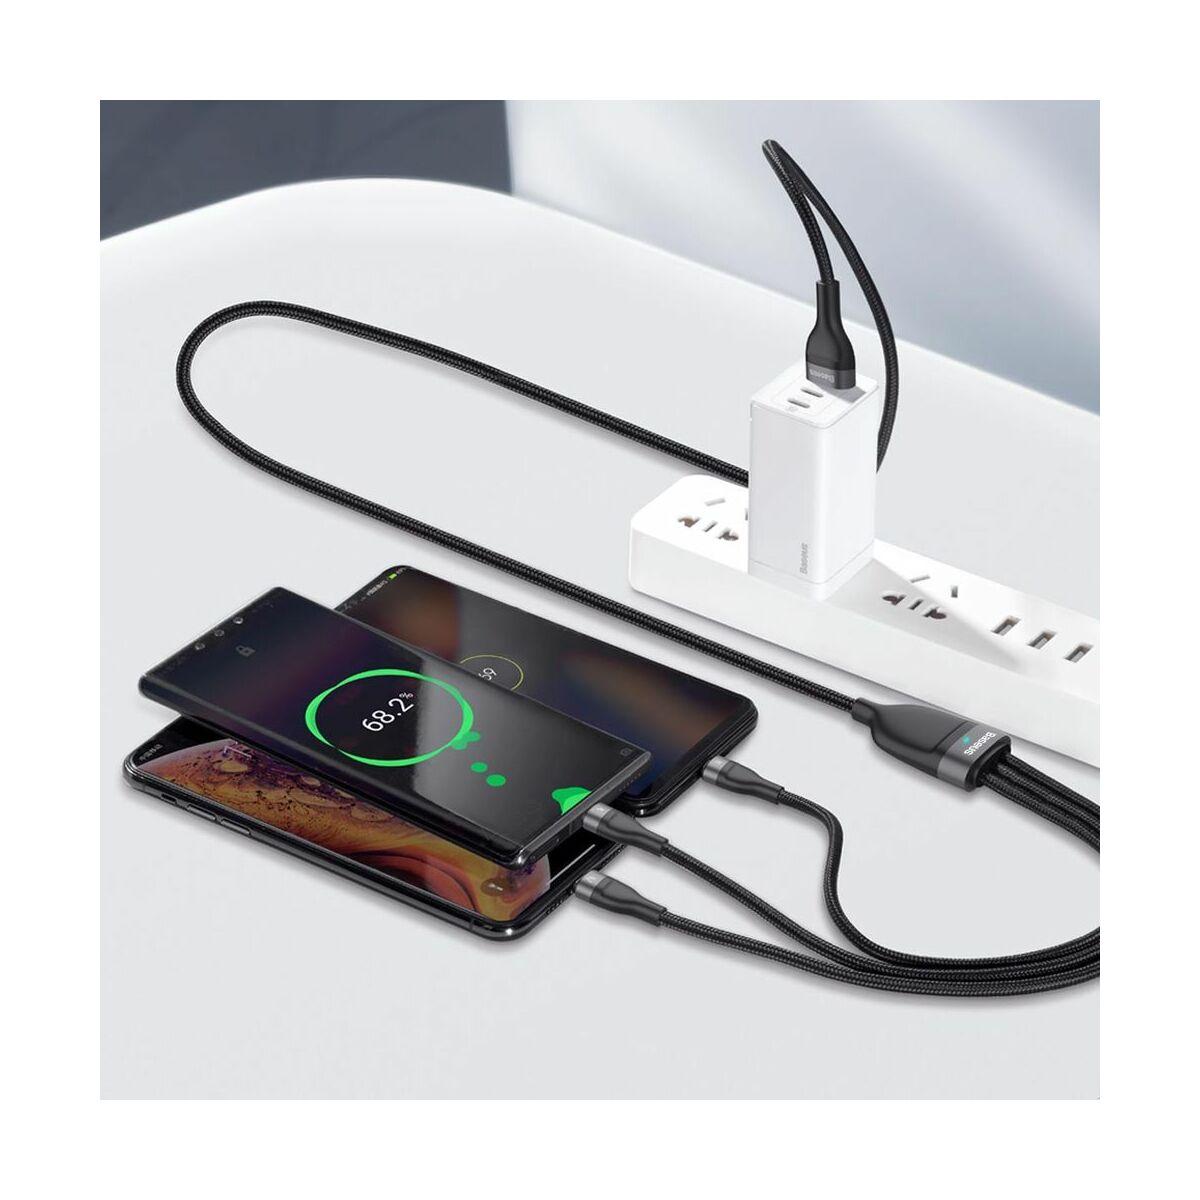 Baseus Univerzális kábel, Flash Series 3-in-1 gyors töltő (Micro+Lightning+Type-C) 18W, 5A, 1.2m, fekete/szürke (CA1T3-G1)